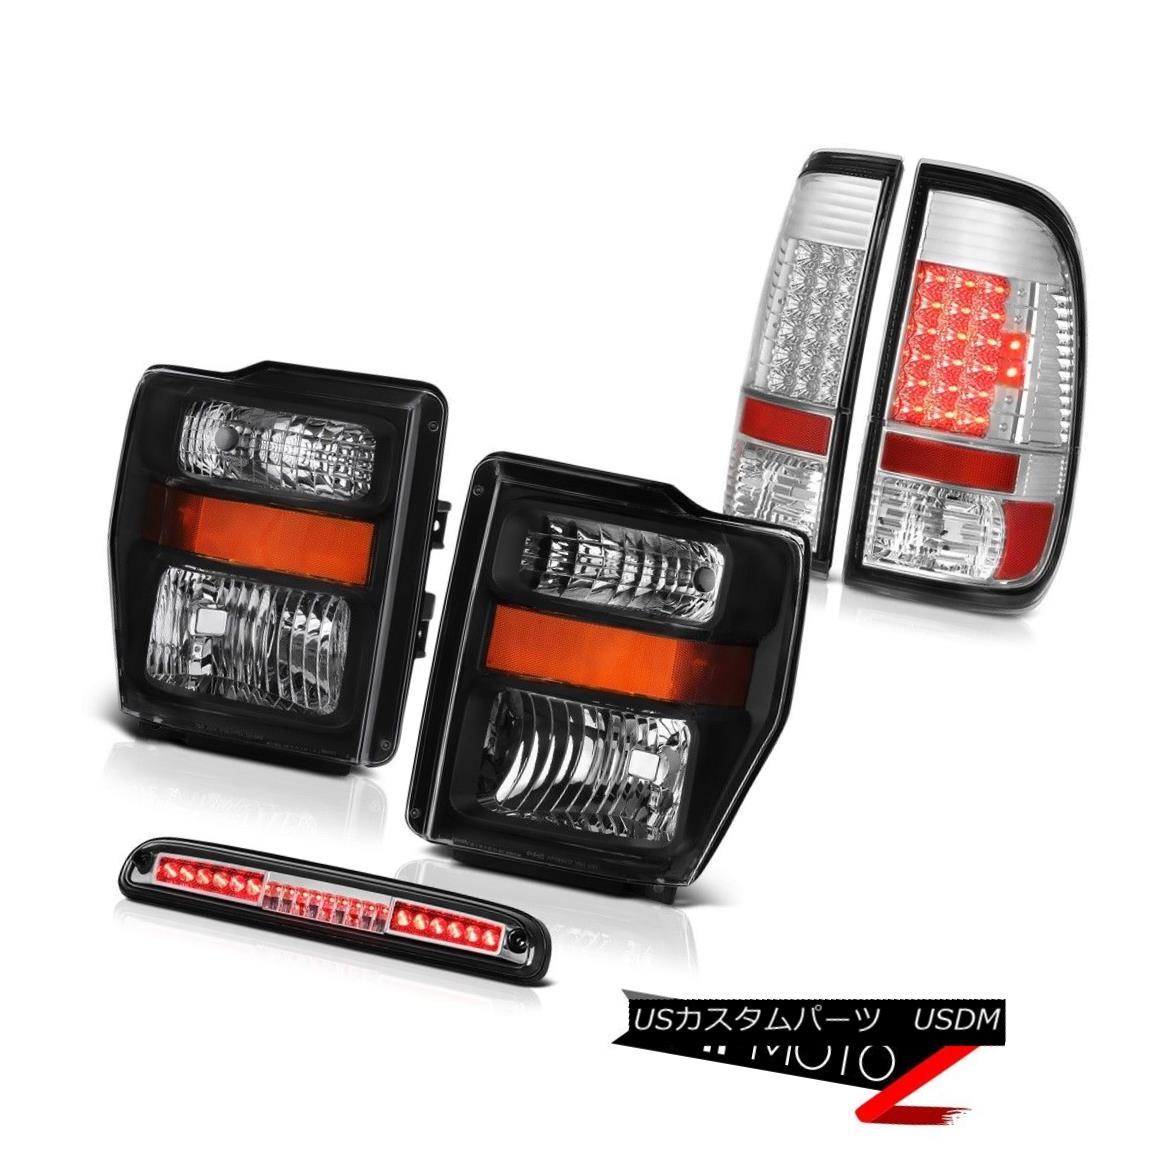 テールライト 2008 2009 2010 F350 FX4 Left Right Headlights Chrome Tail Lights Brake Cargo LED 2008年2009年2010年F350 FX4左ライトヘッドライトクロームテールライトブレーキカーゴLED